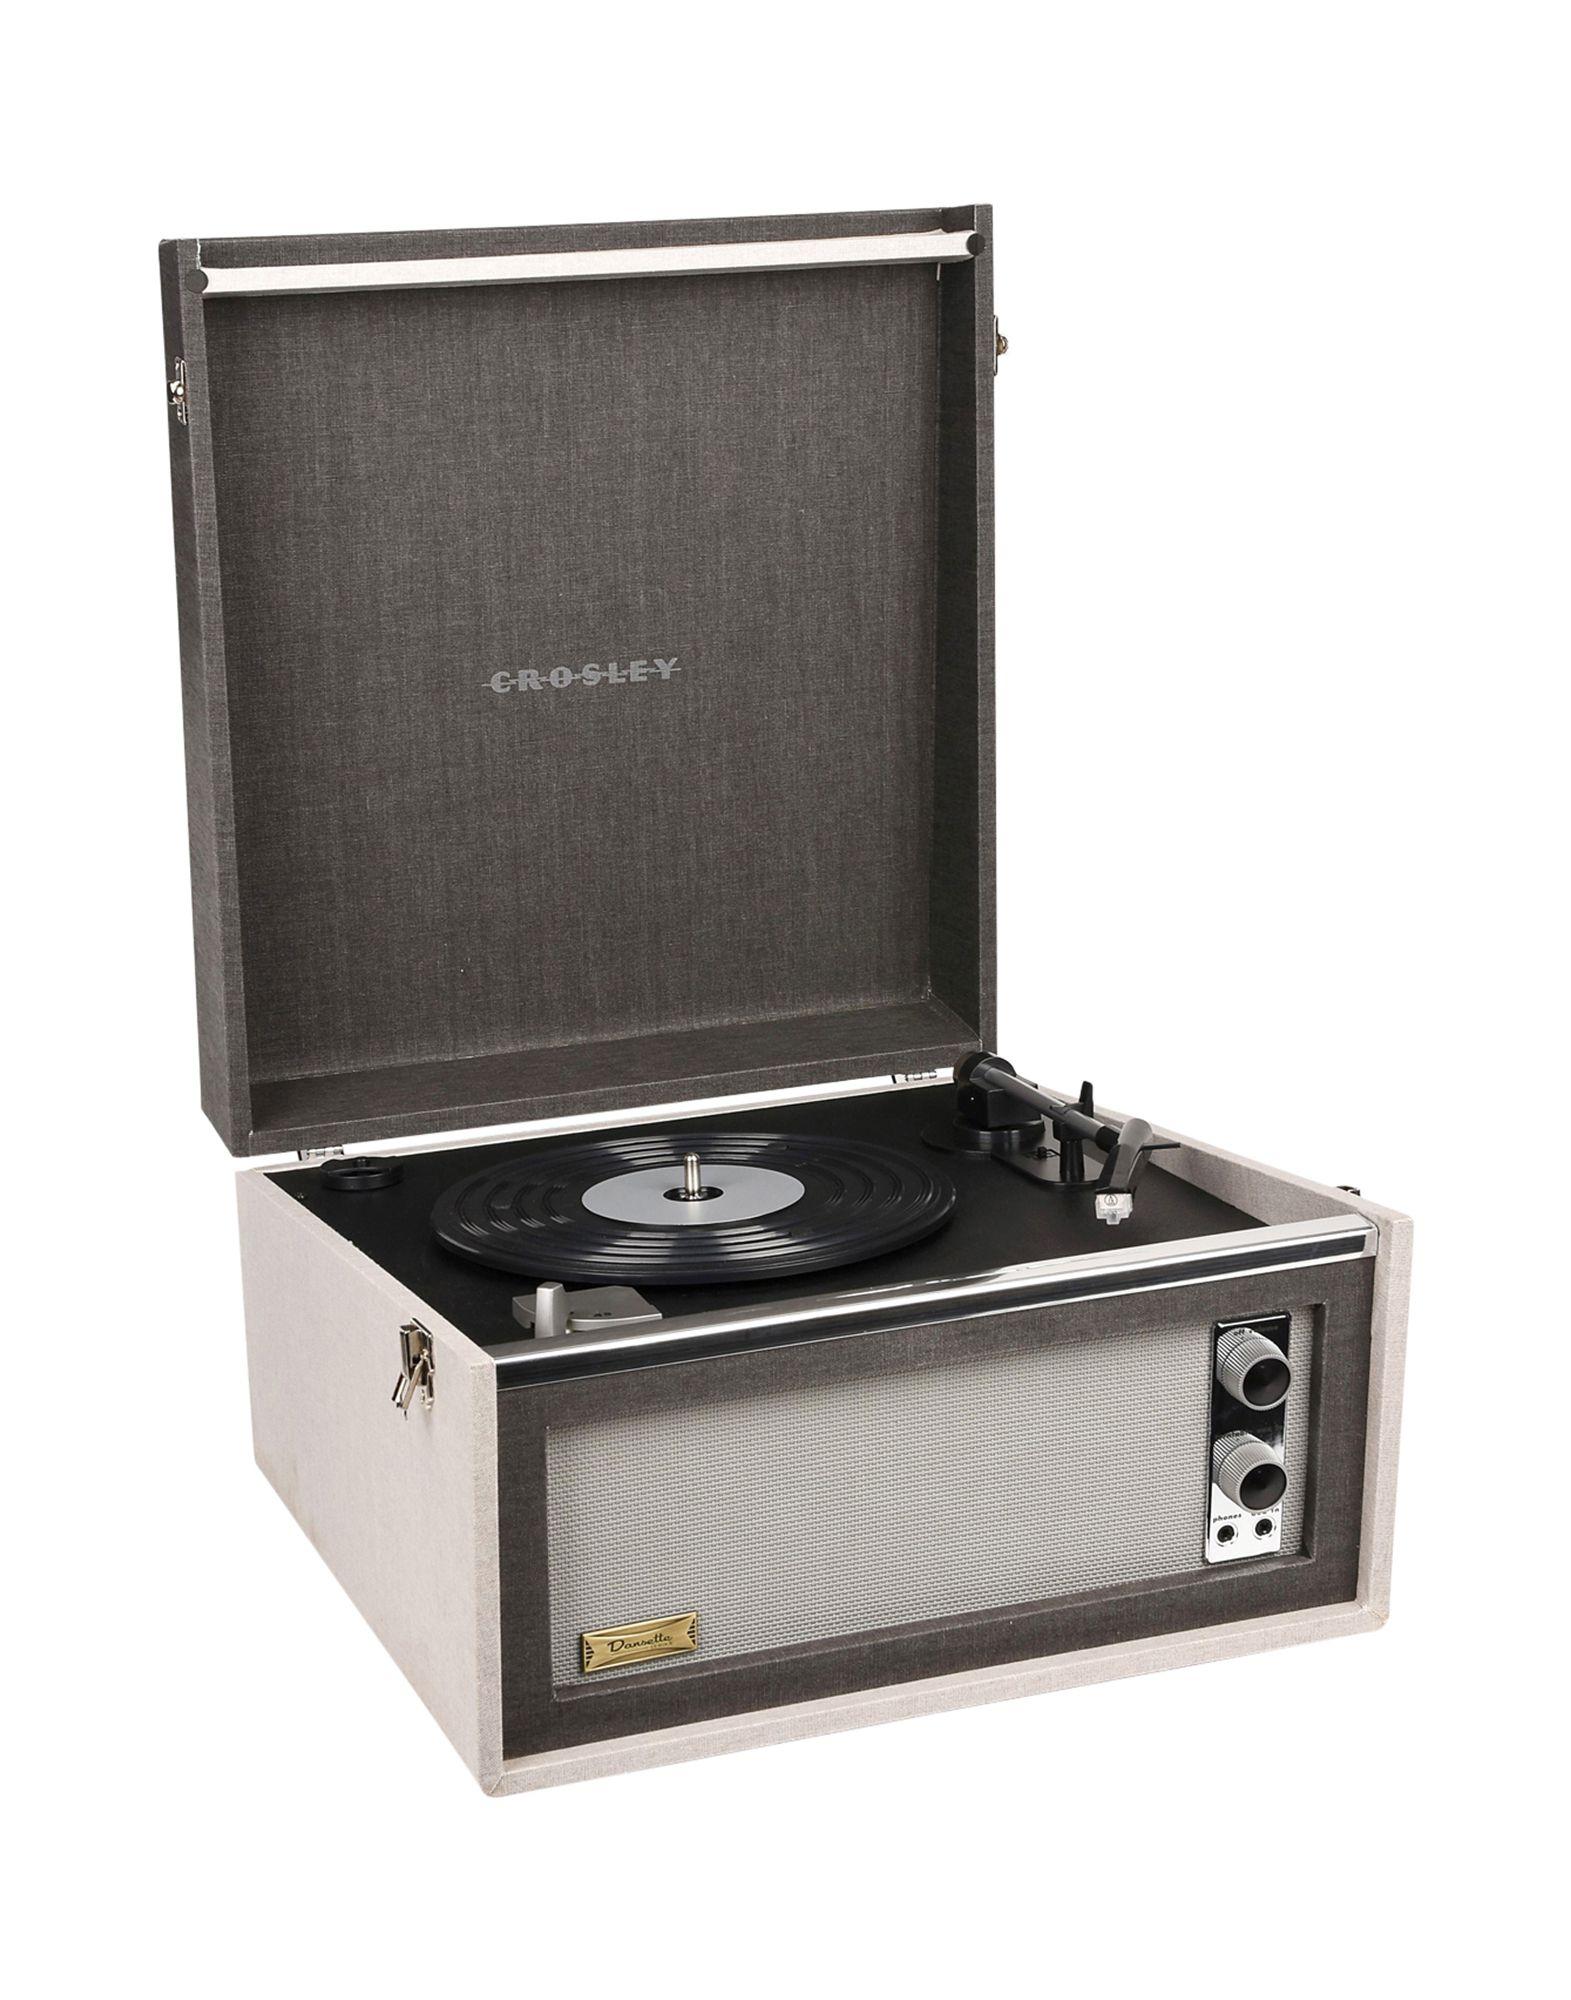 CROSLEY Проигрыватель виниловых дисков проигрыватель виниловых дисков sony ps lx300usb